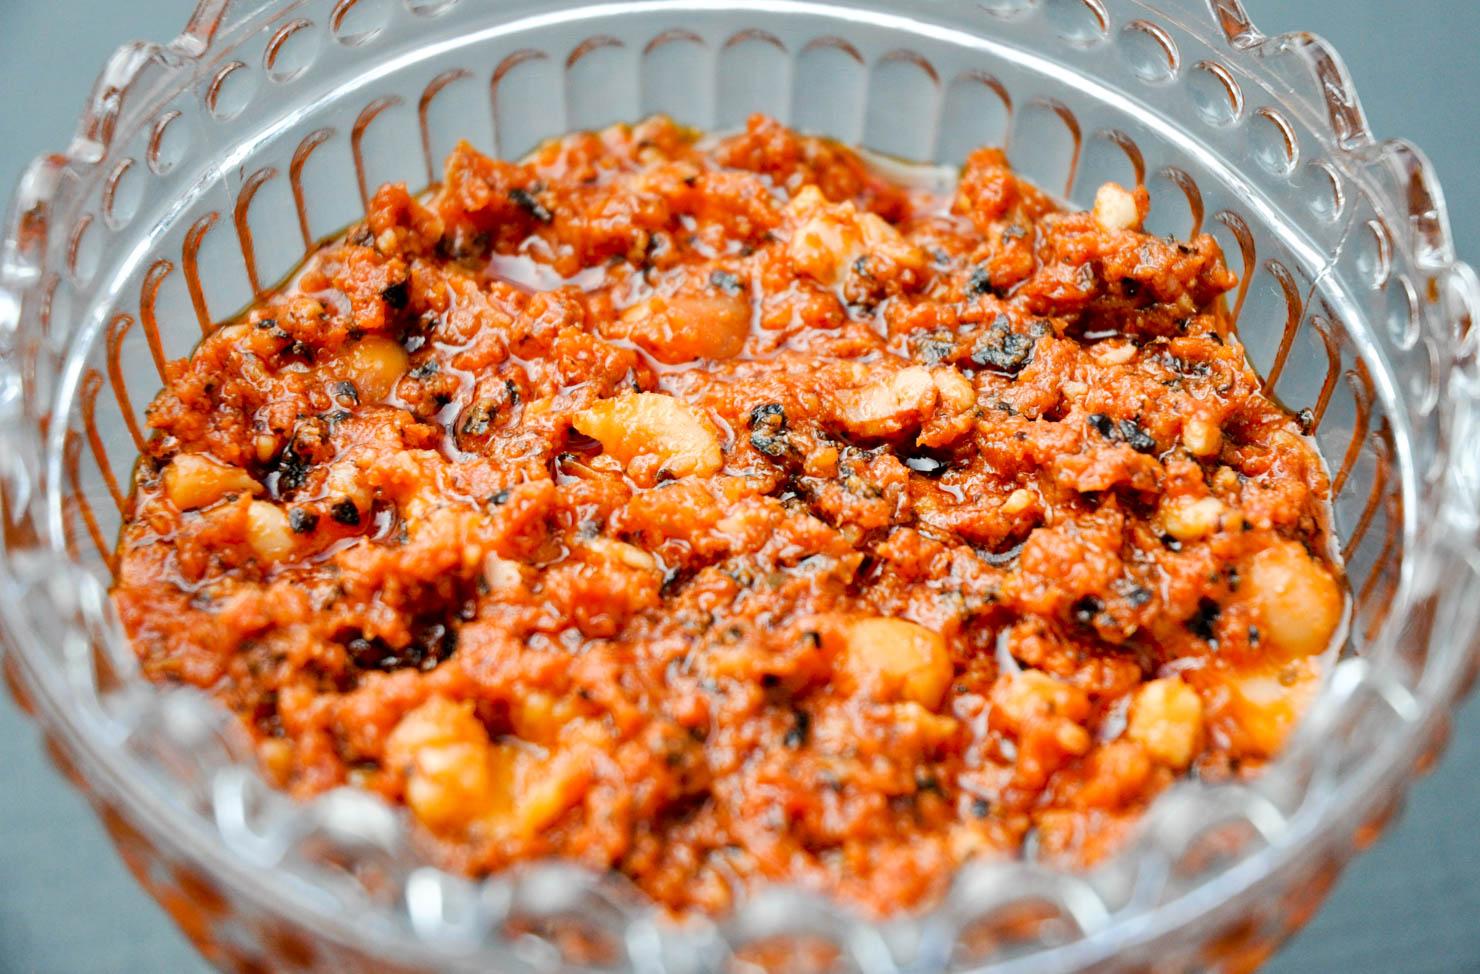 bbilde nokrell i tomat-1